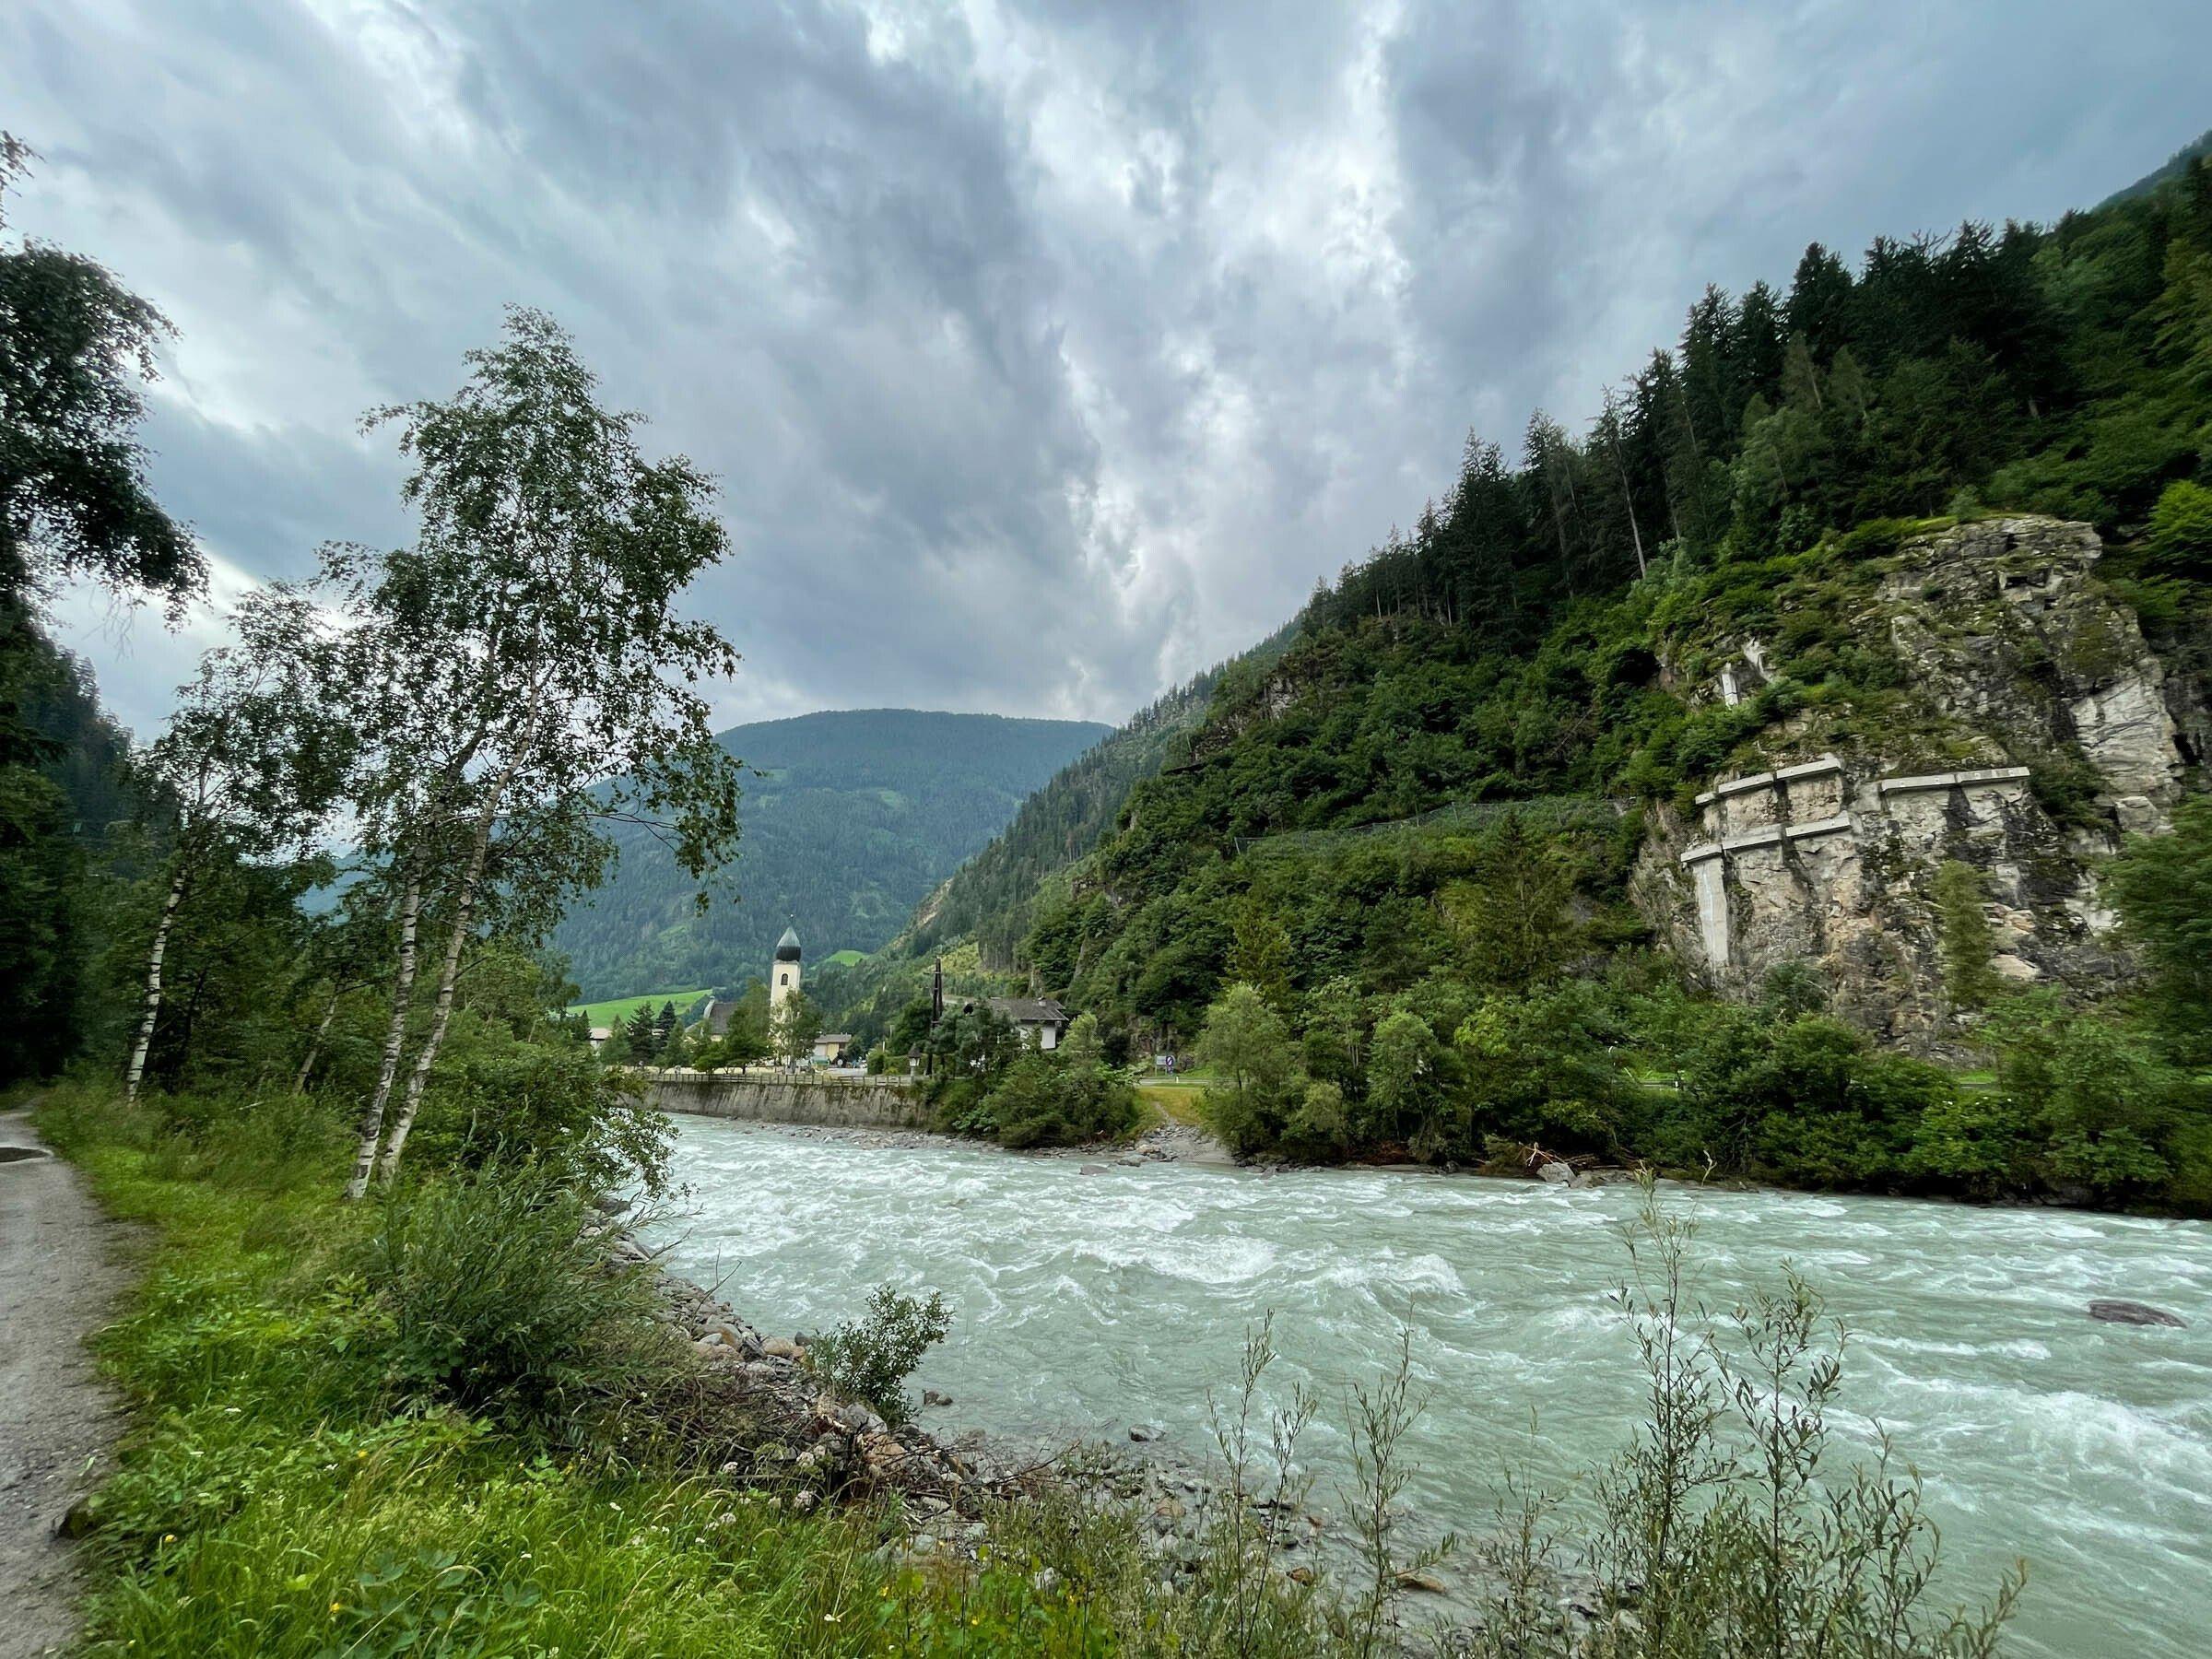 Landschaft mit türkisfarbenem Fluss und grünen Wäldern und Wiesen, Kirchturm.